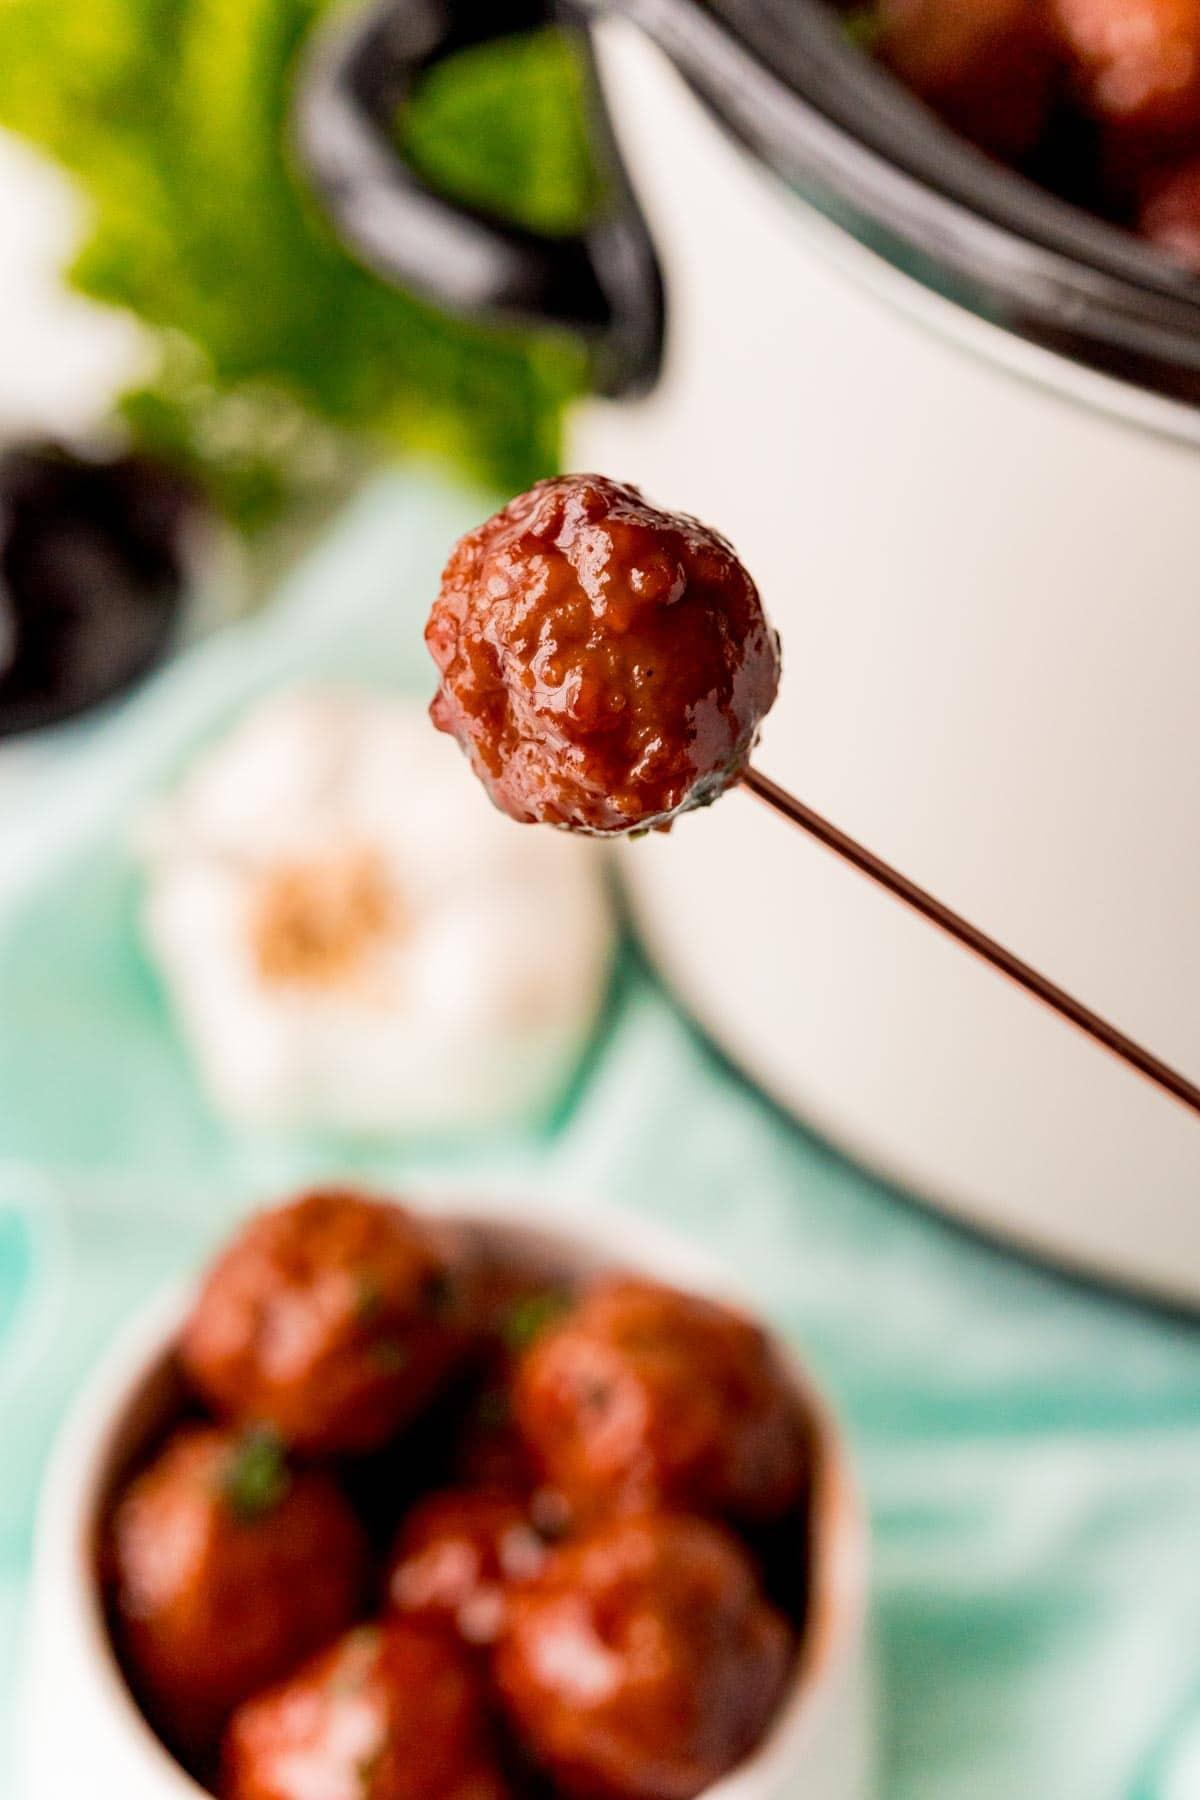 Toothpick with a crockpot grape jelly meatball